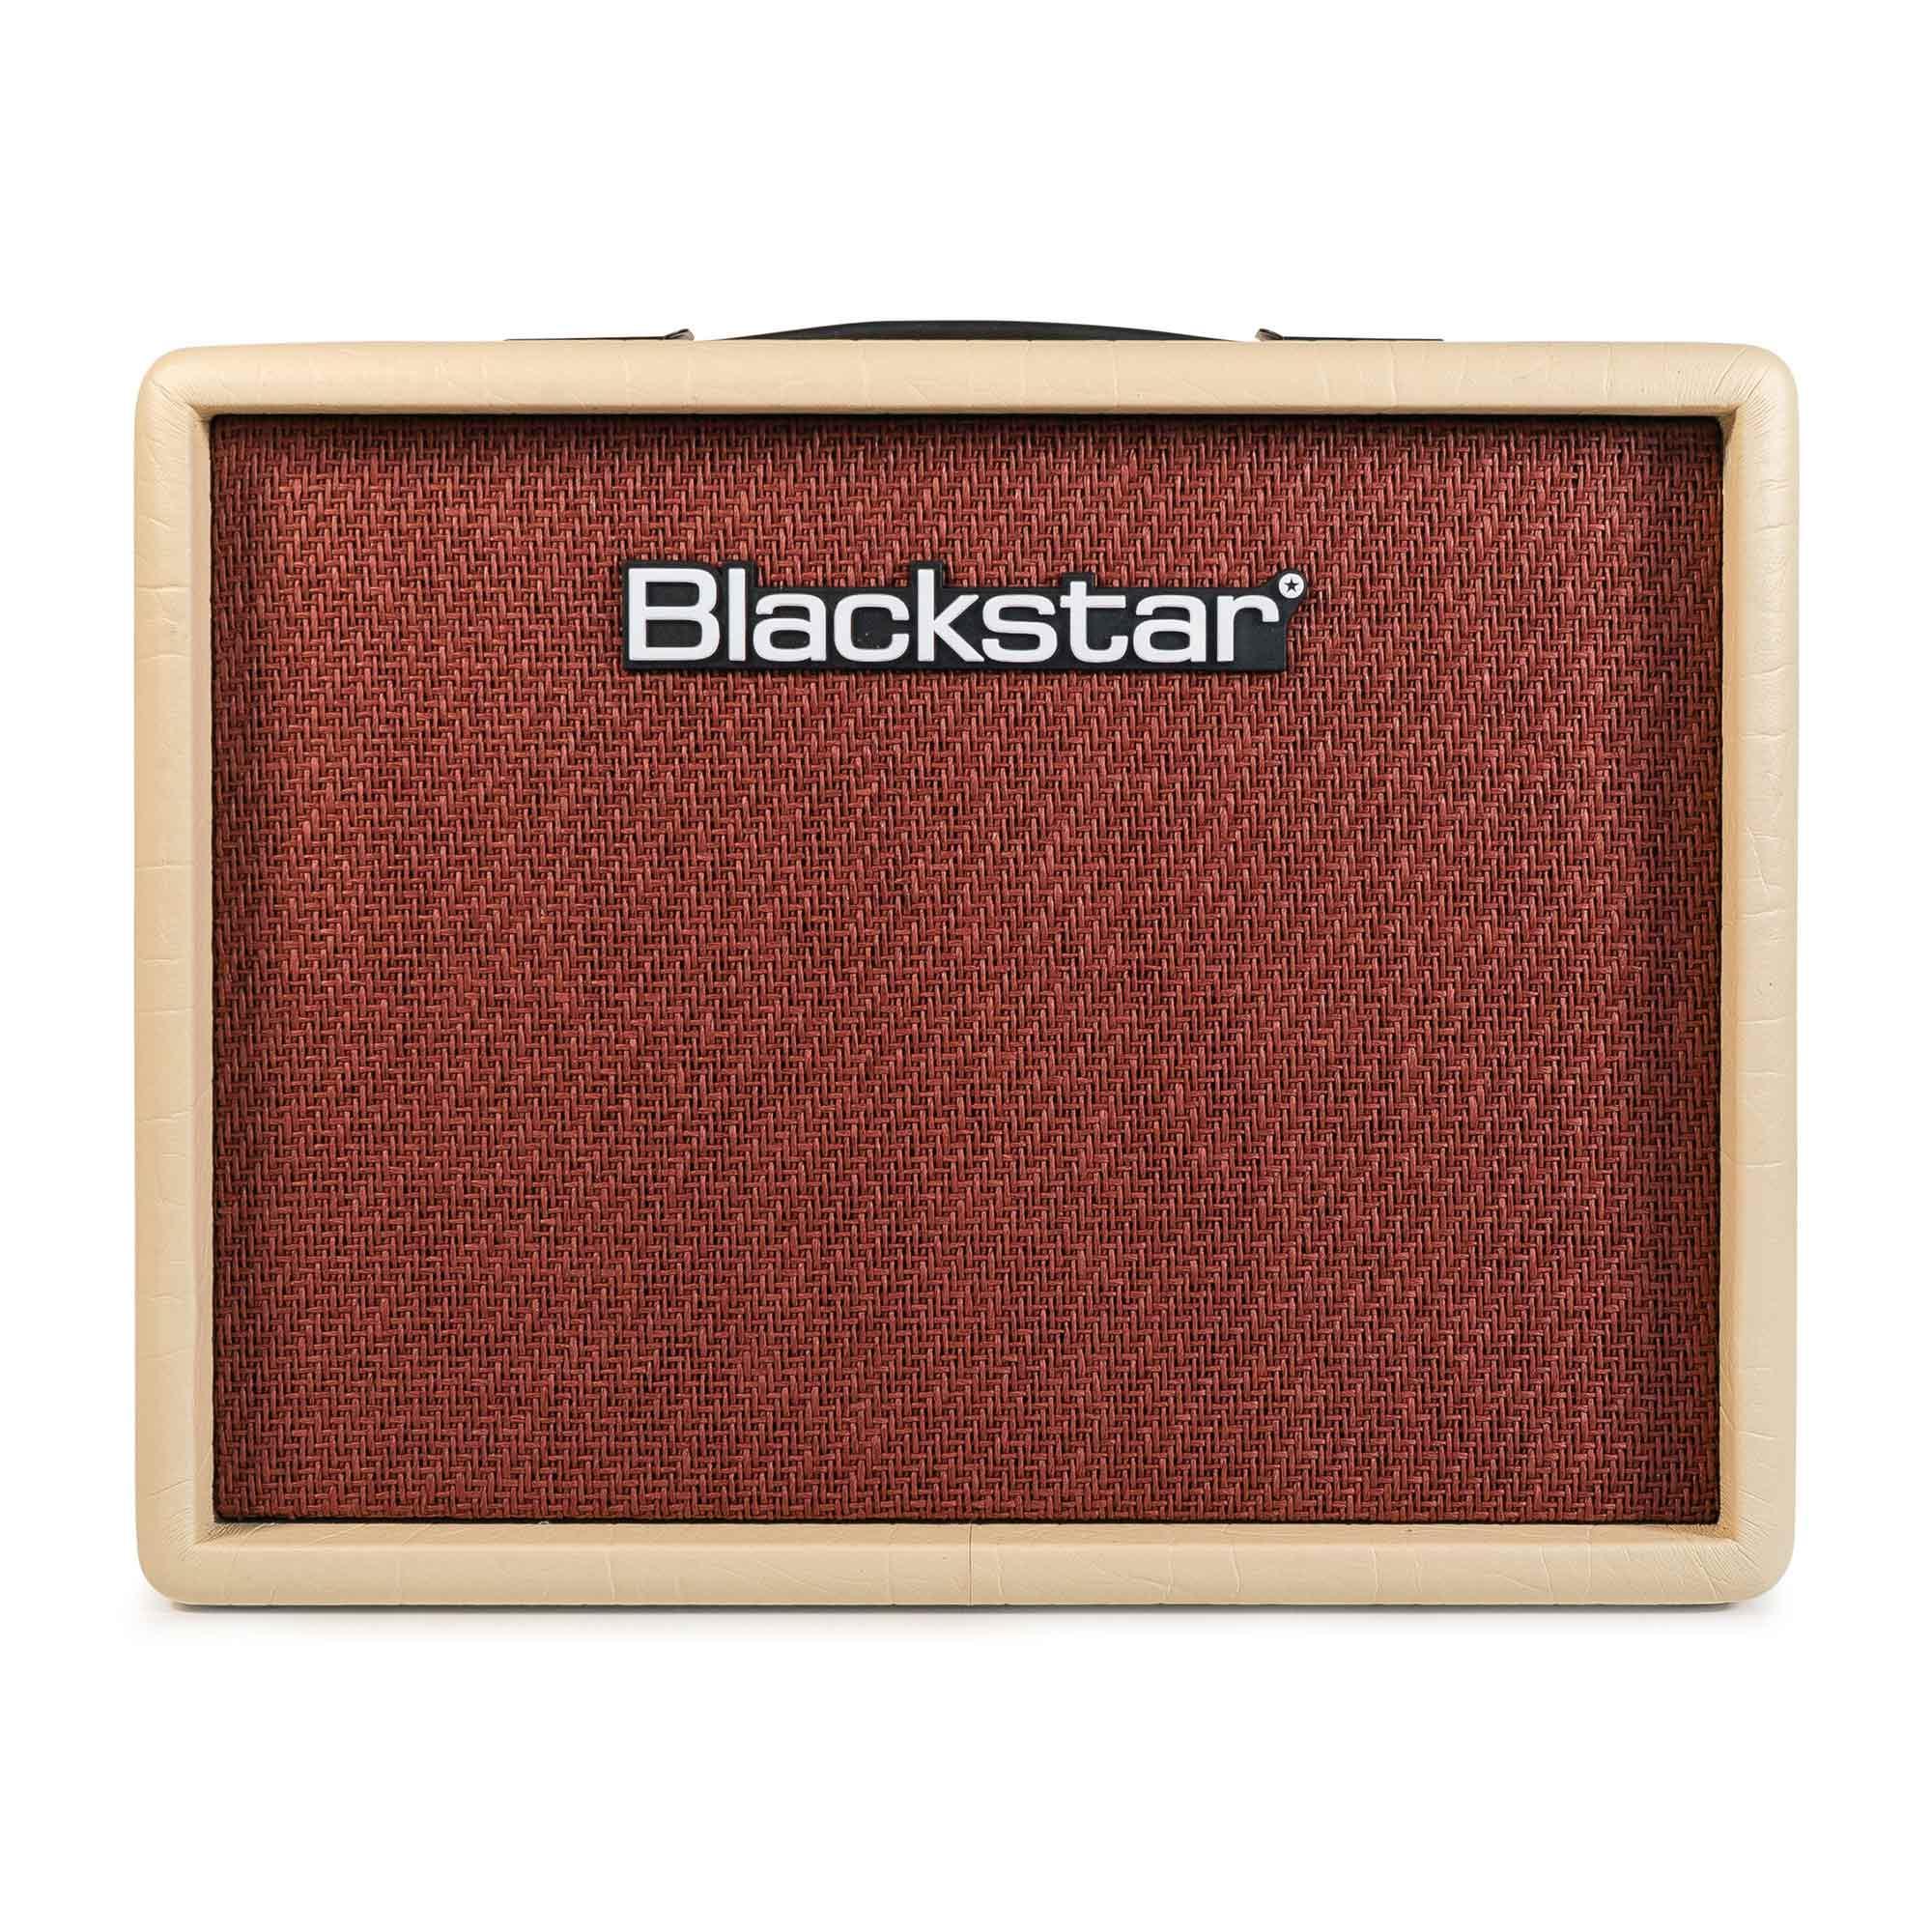 Blackstar Debut 15E Guitar Amplifier 15 Watts